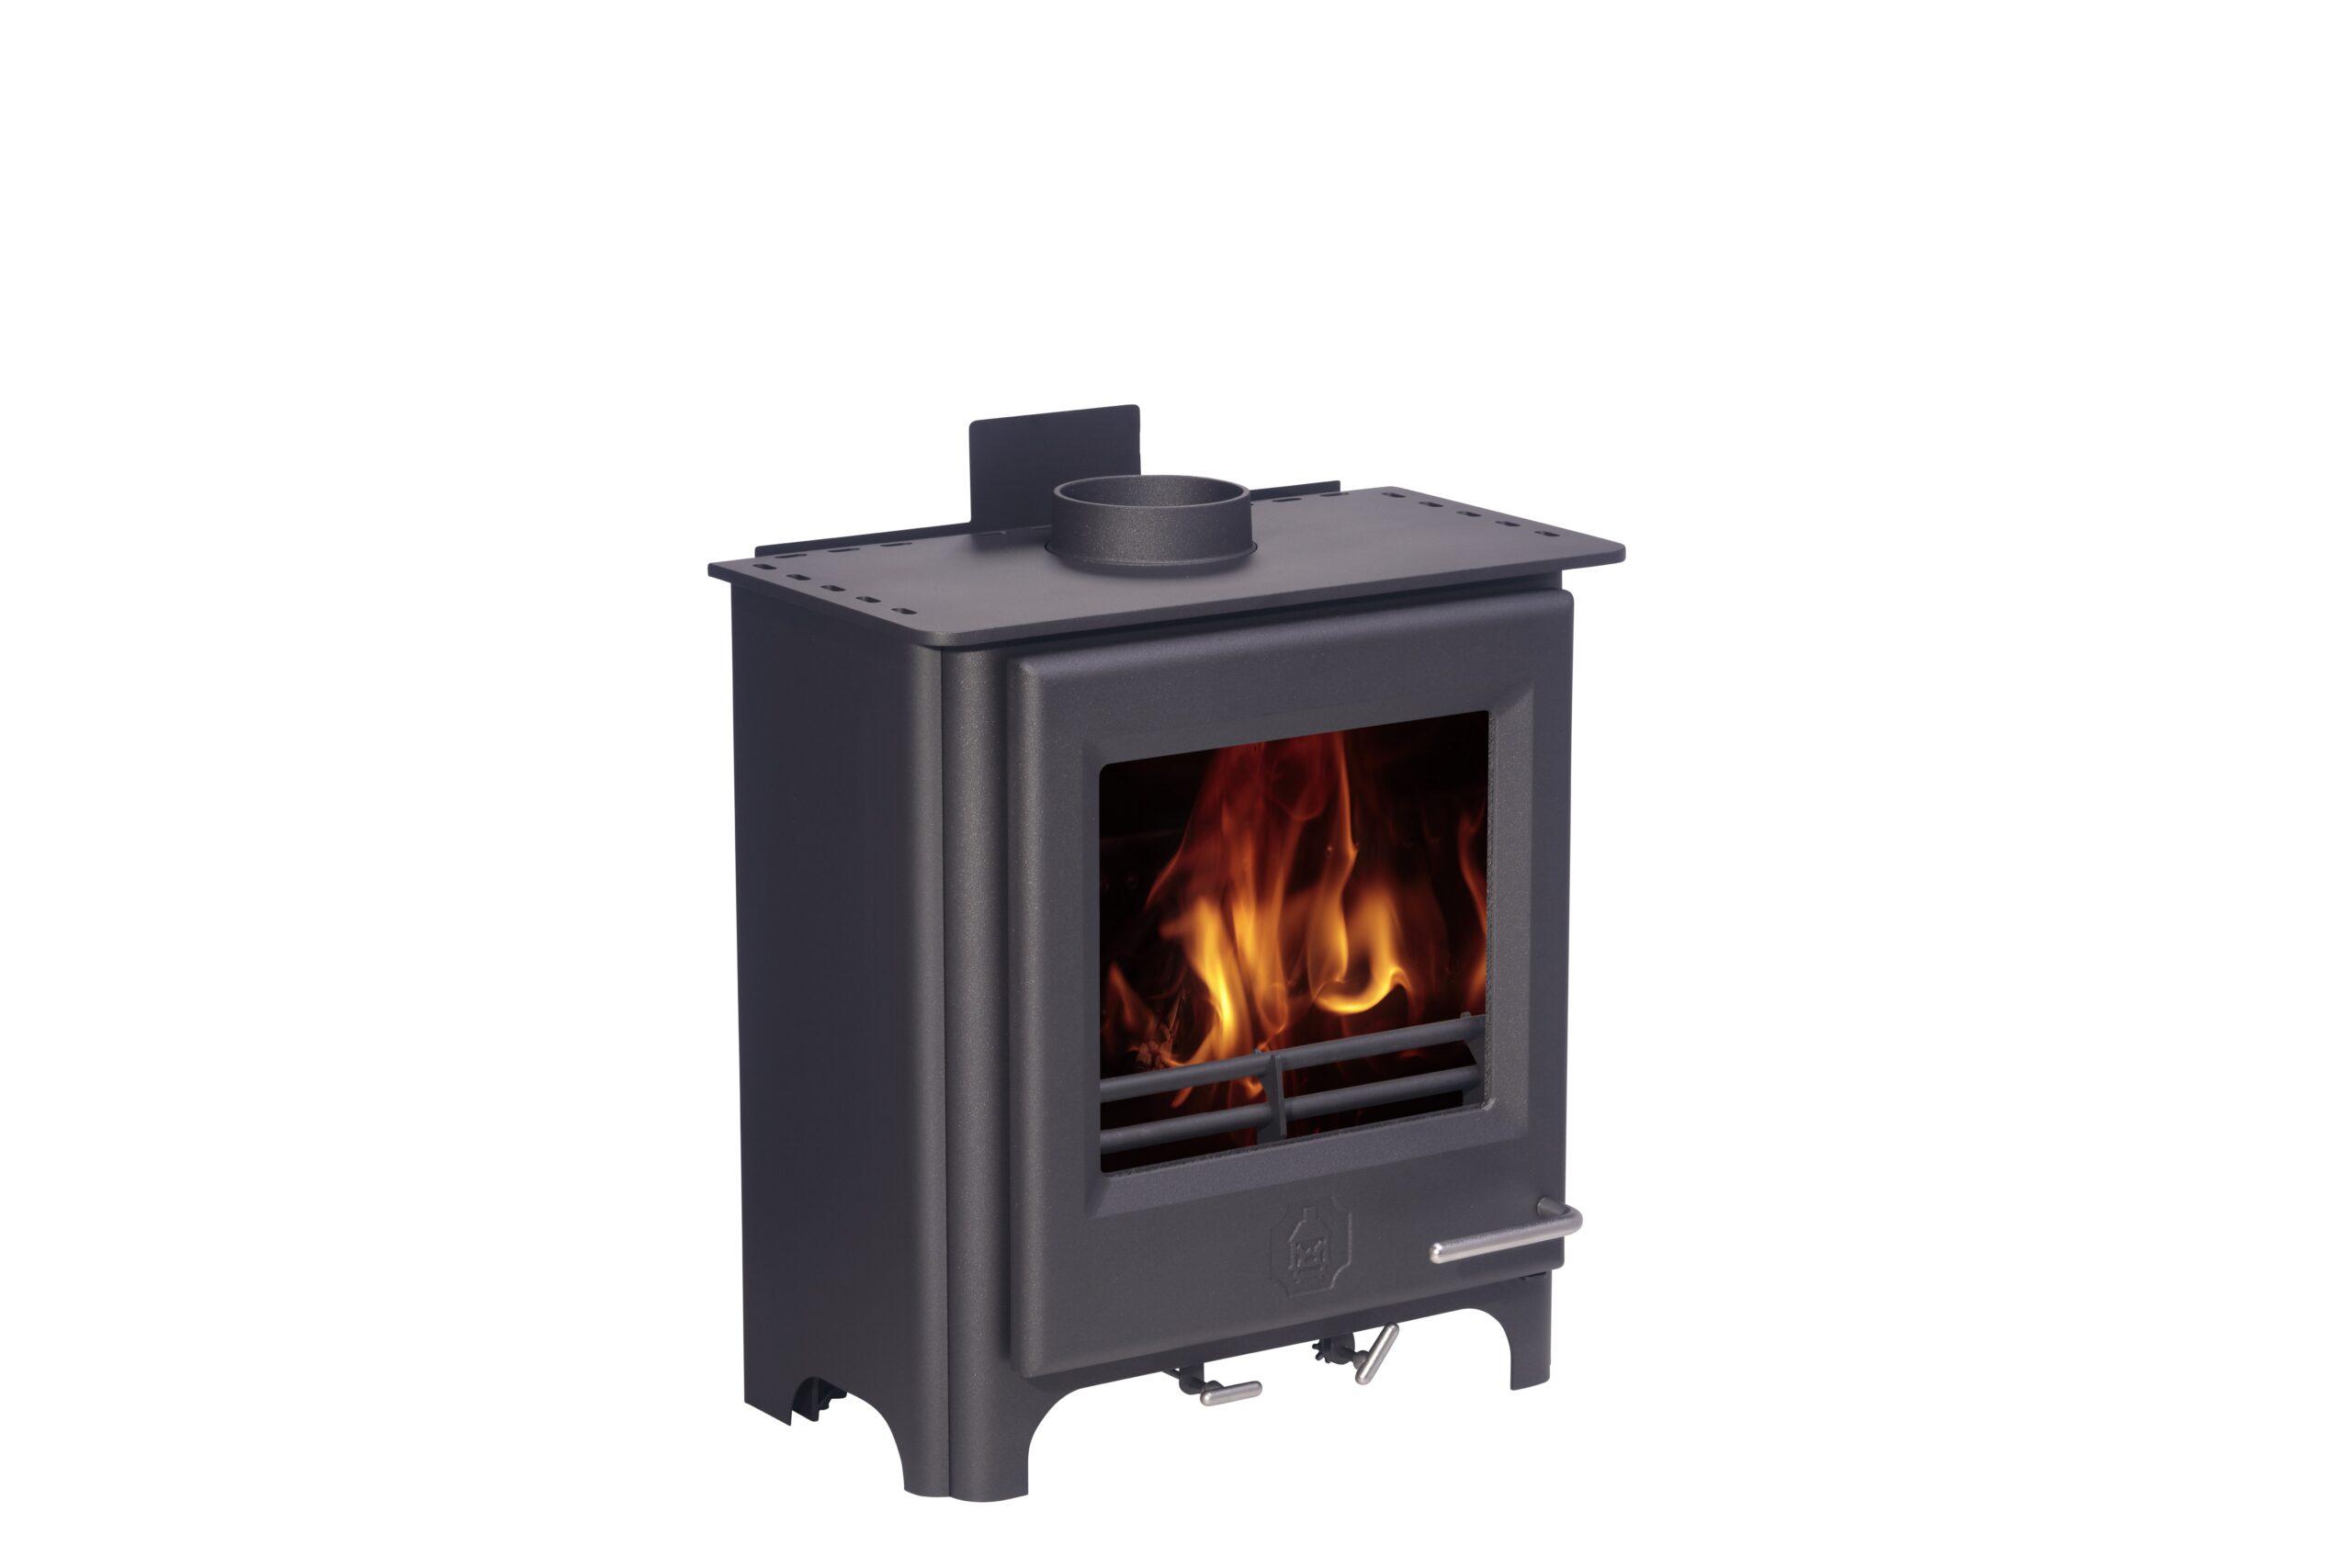 Phoenix Firegem Eco Convector Mineral Fuel